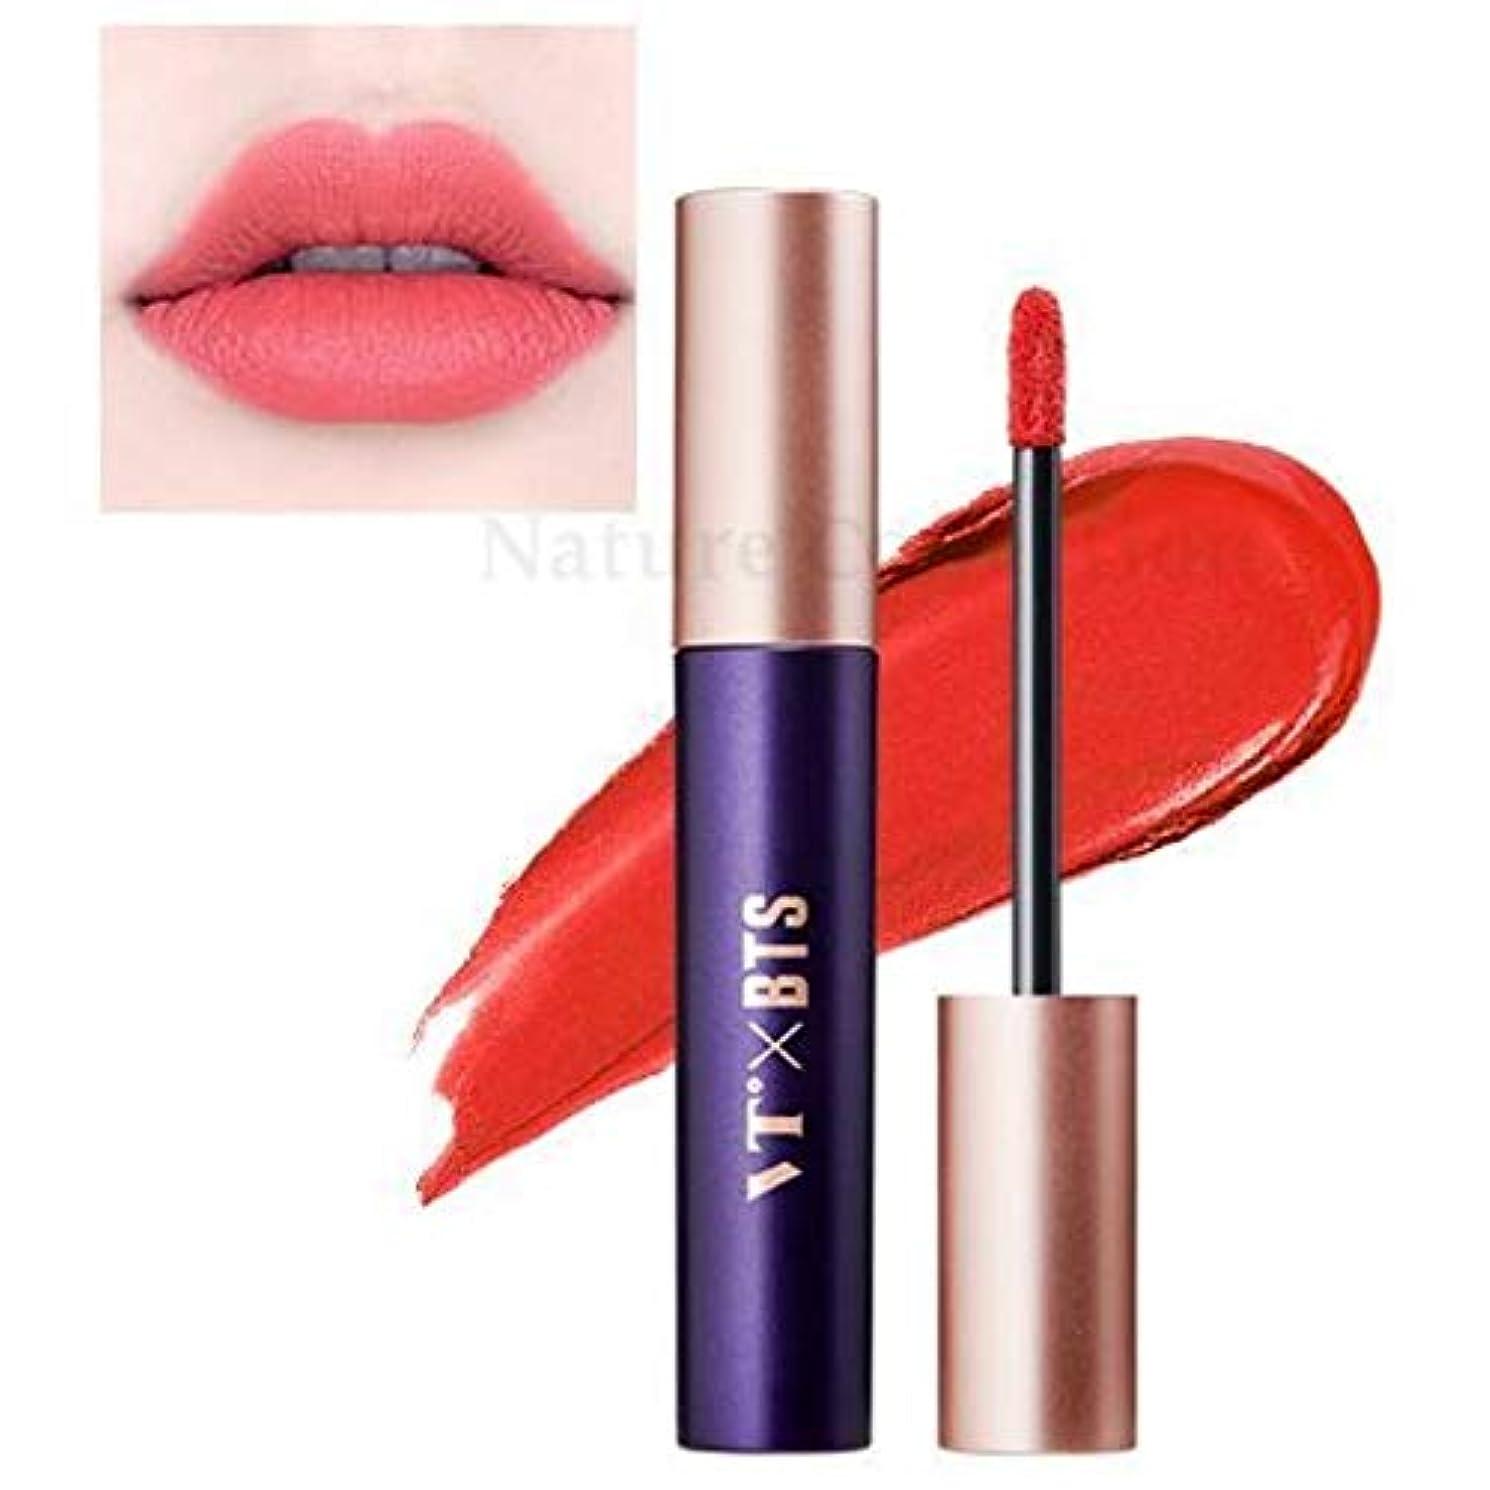 オーバーフローピービッシュごちそうVT X BTS Super Tempting Lip Rouge / スーパーテンプティング リップルージュ (4ml) / BTS コラボ (05.Brick up) [並行輸入品]